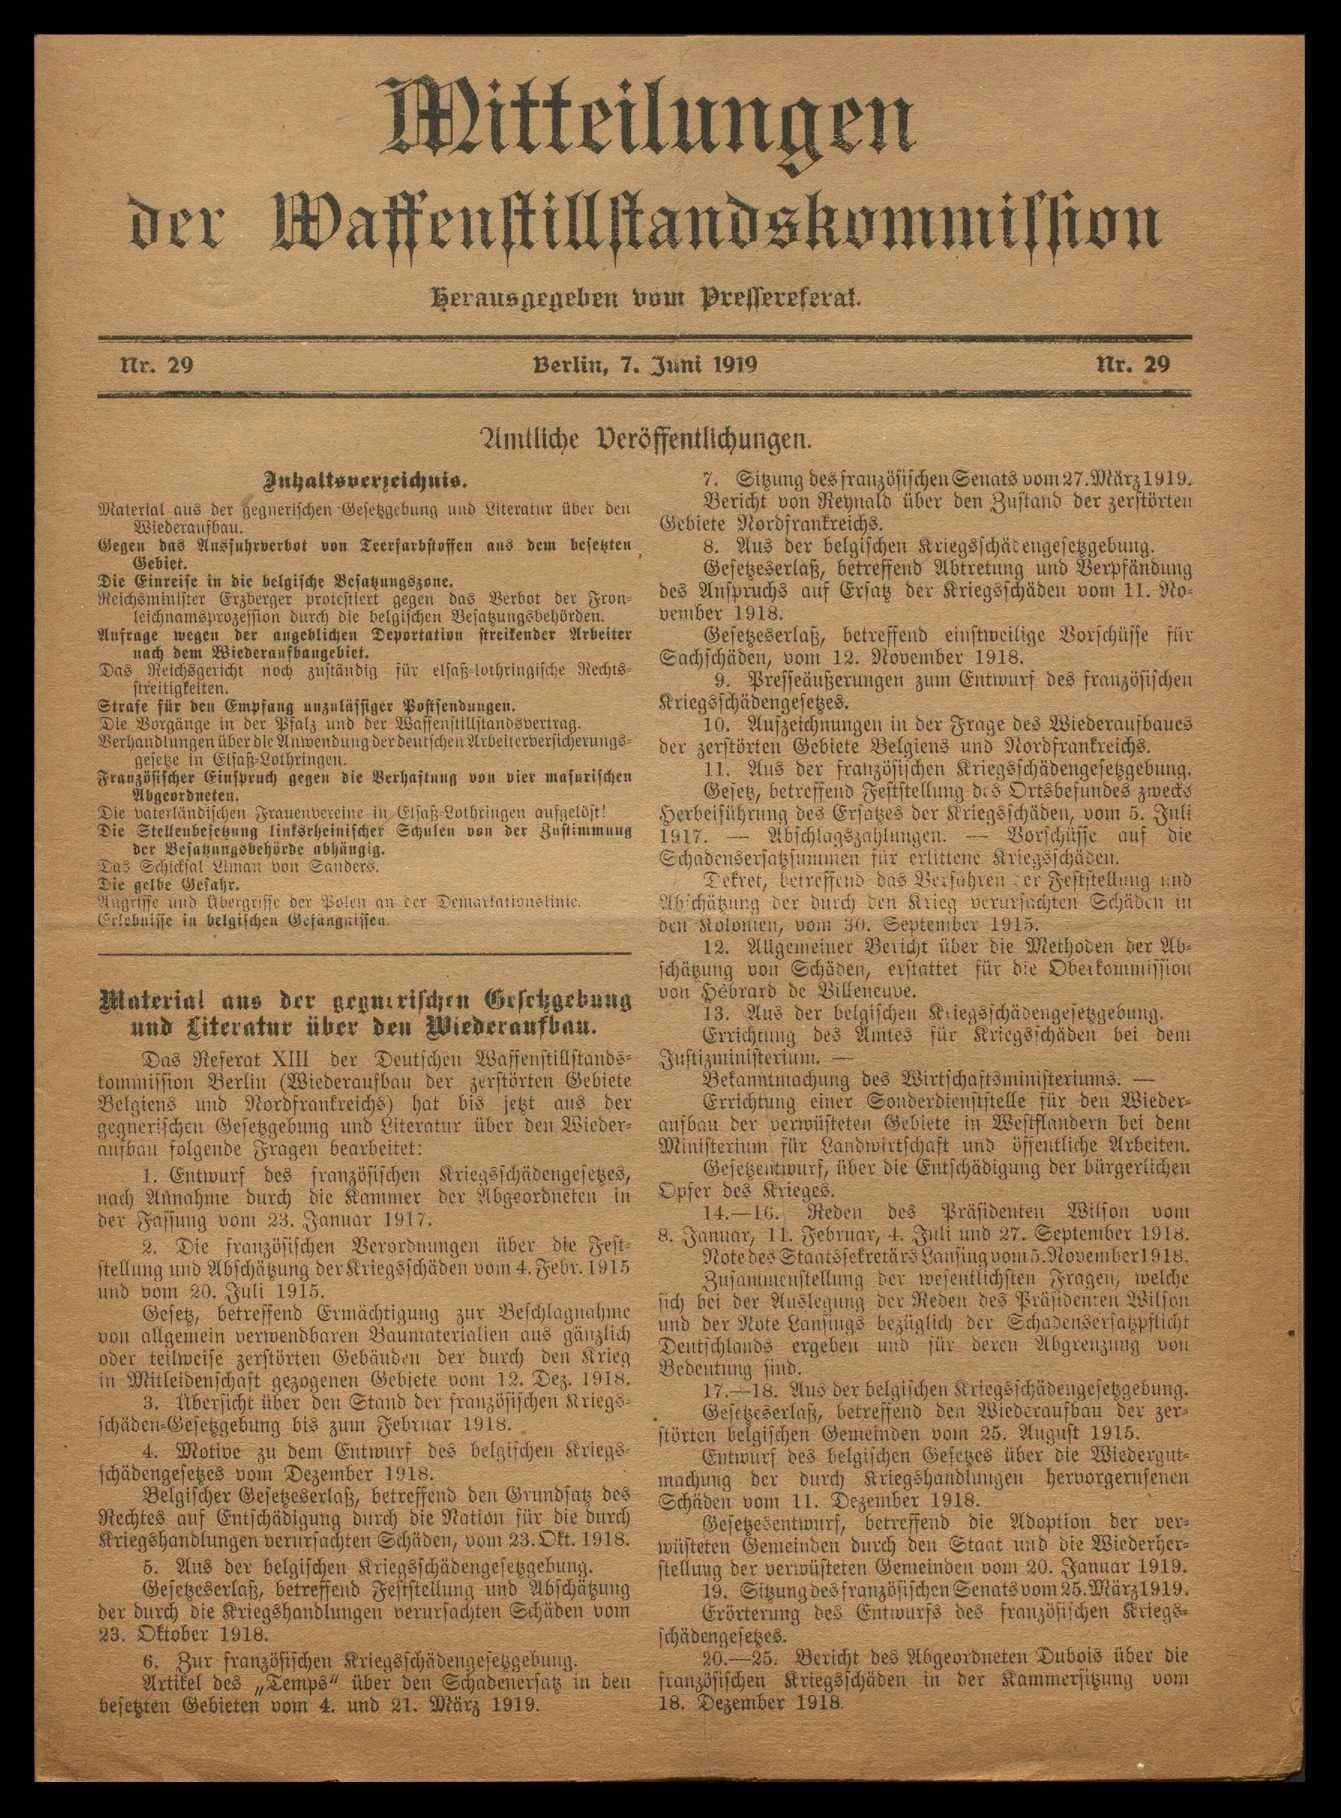 Drucksachen der deutschen Waffenstillstandskommission, Bild 1